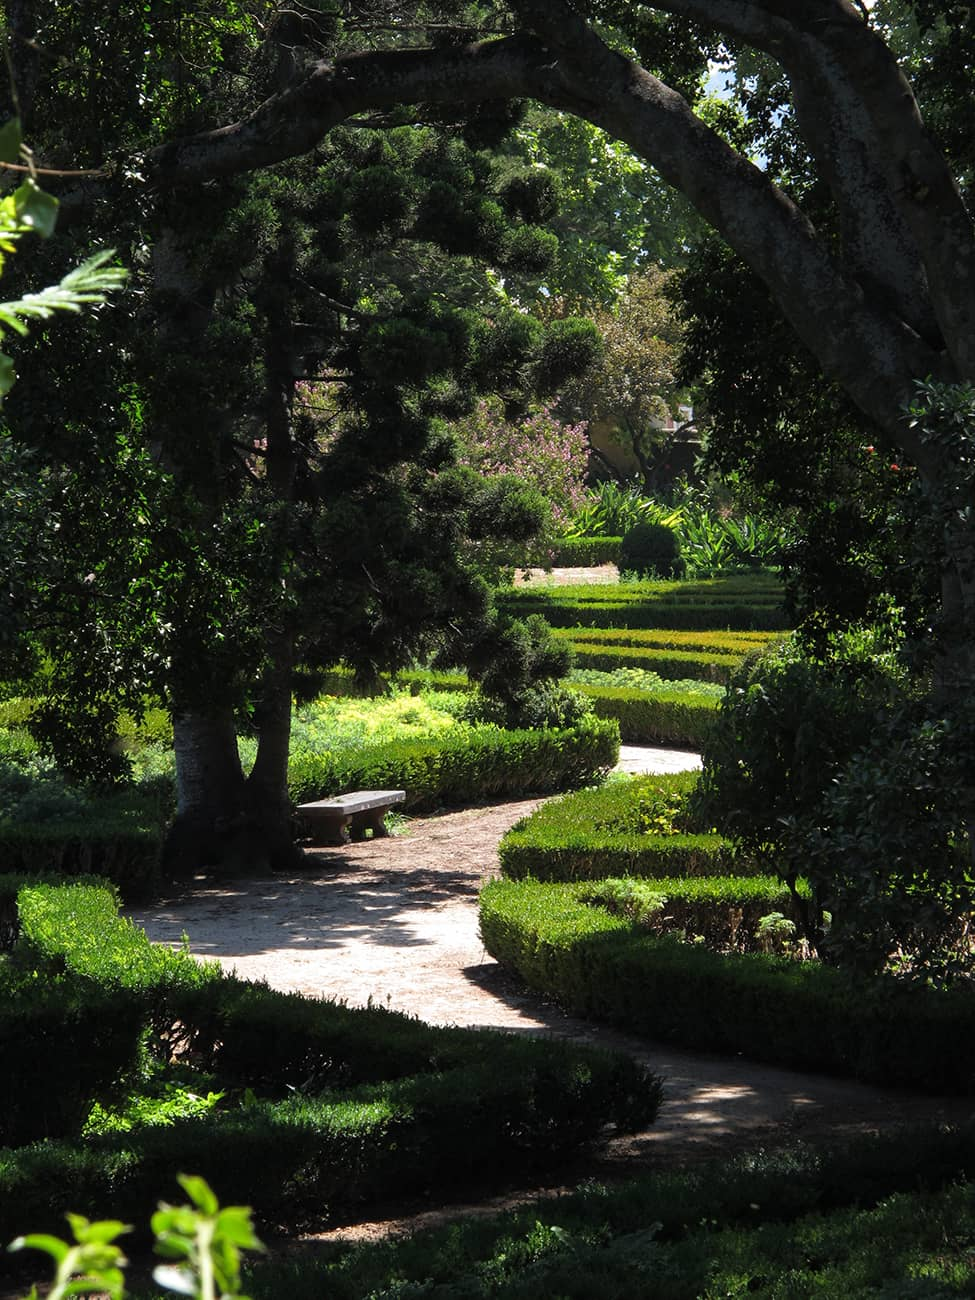 jardim-ajuda-lisboa-08